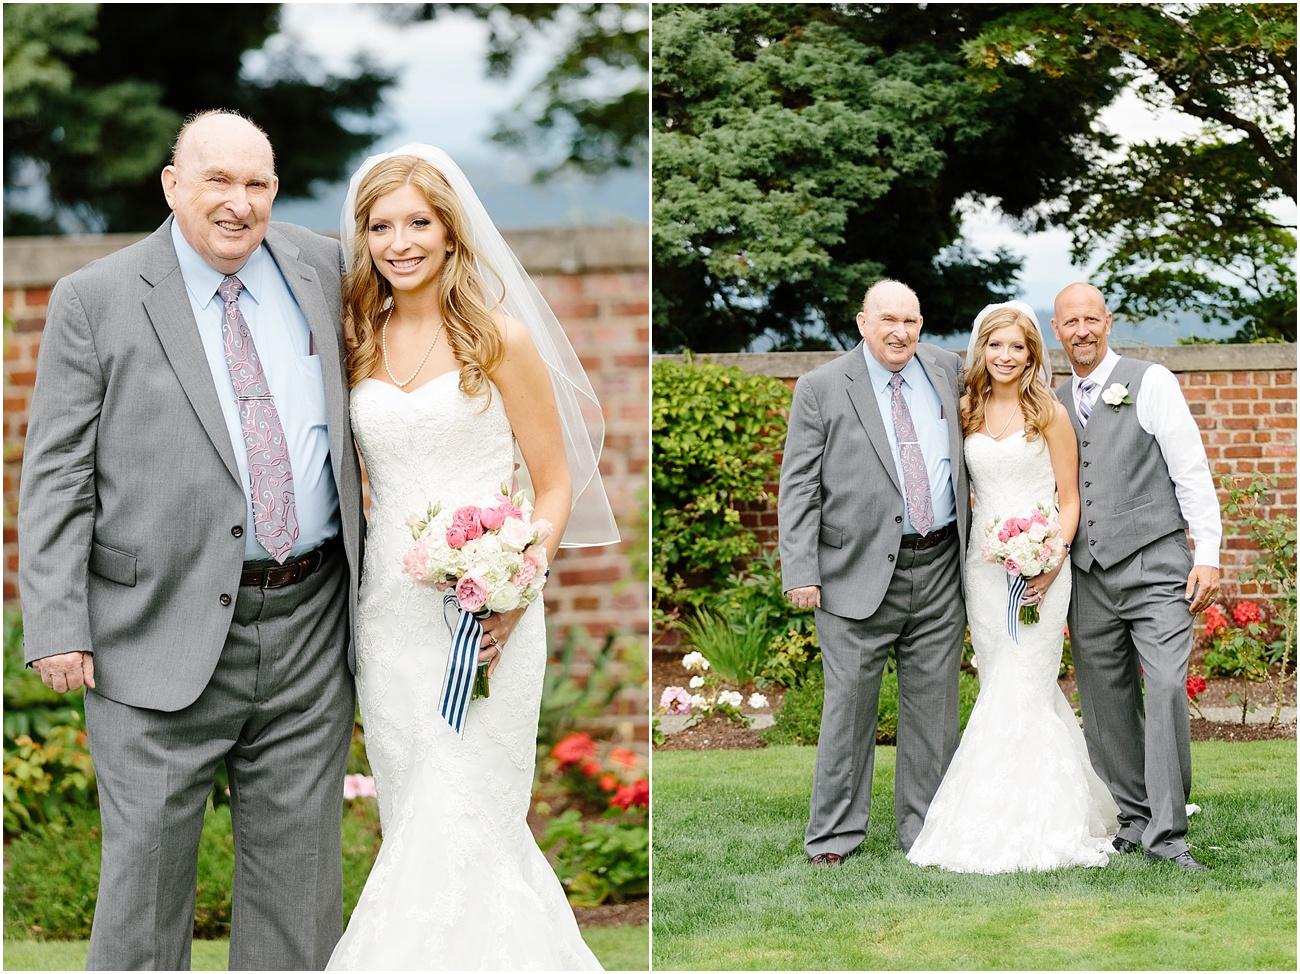 Thomas_WeyerhaeuserEstate_Tacom_Washington_Wedding_0149